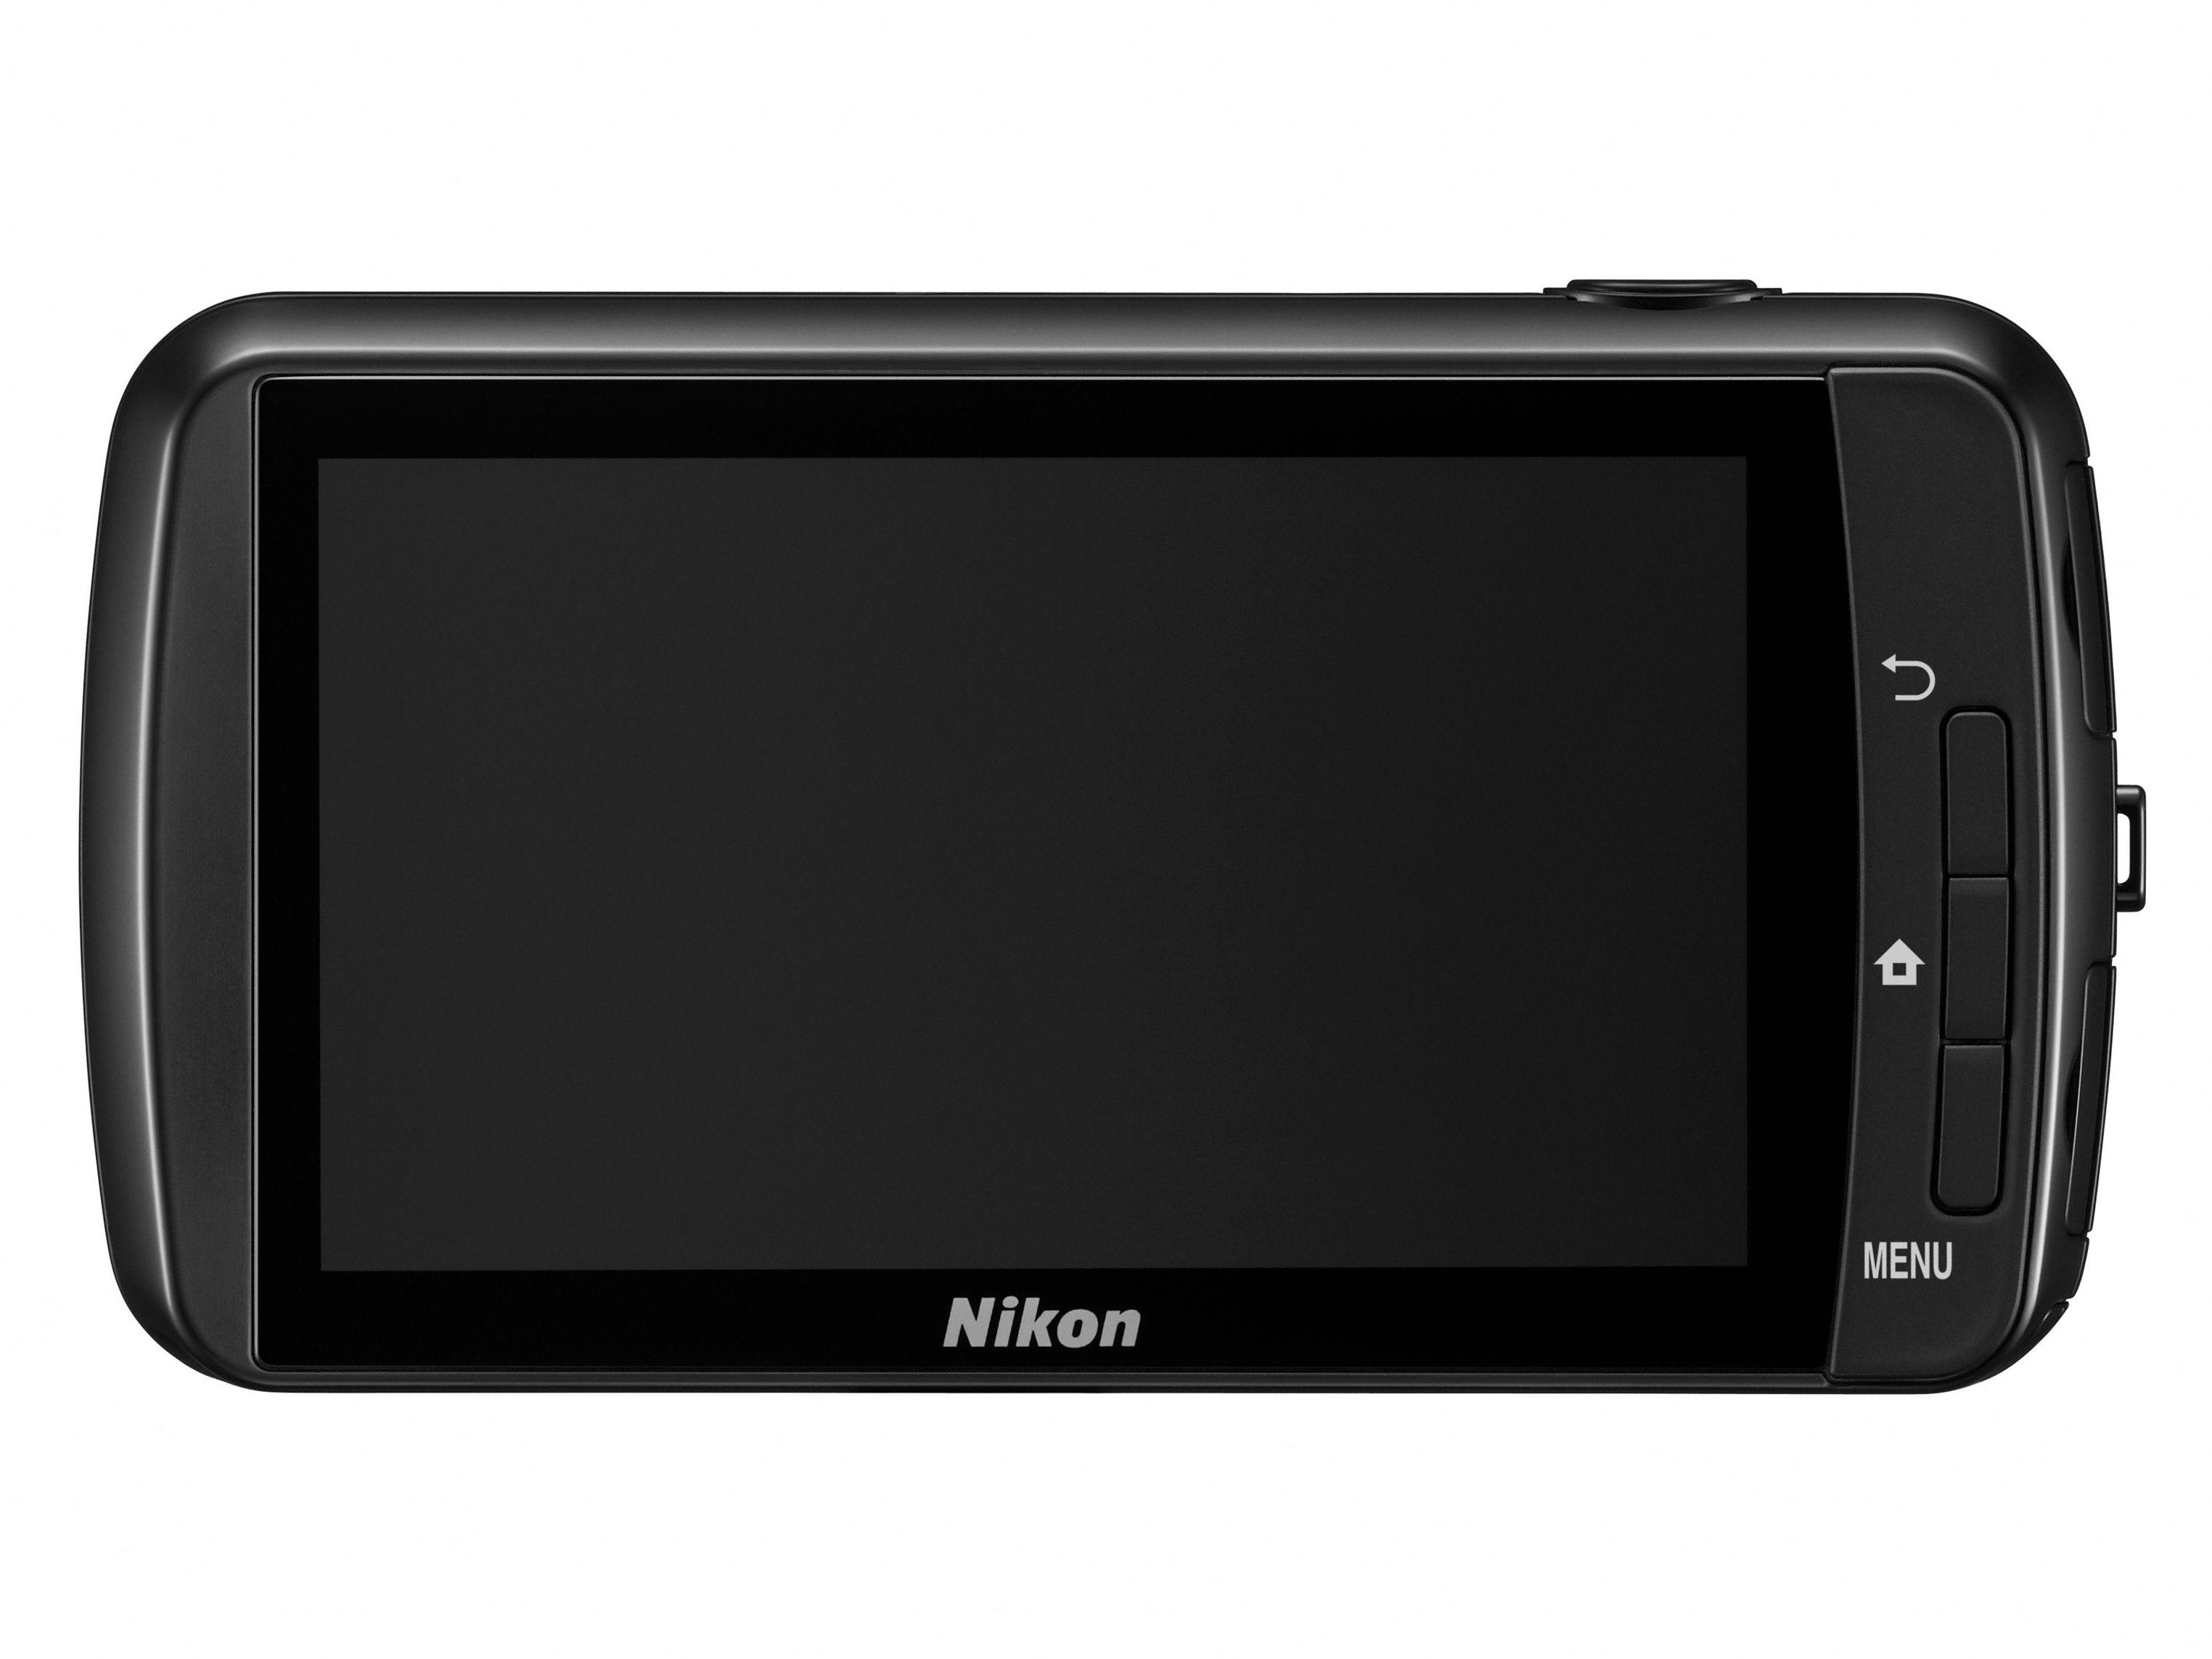 Nikon Coolpix S800c har stor og god touchskjerm for å kjøre Android-operativsystemet.Foto: Nikon